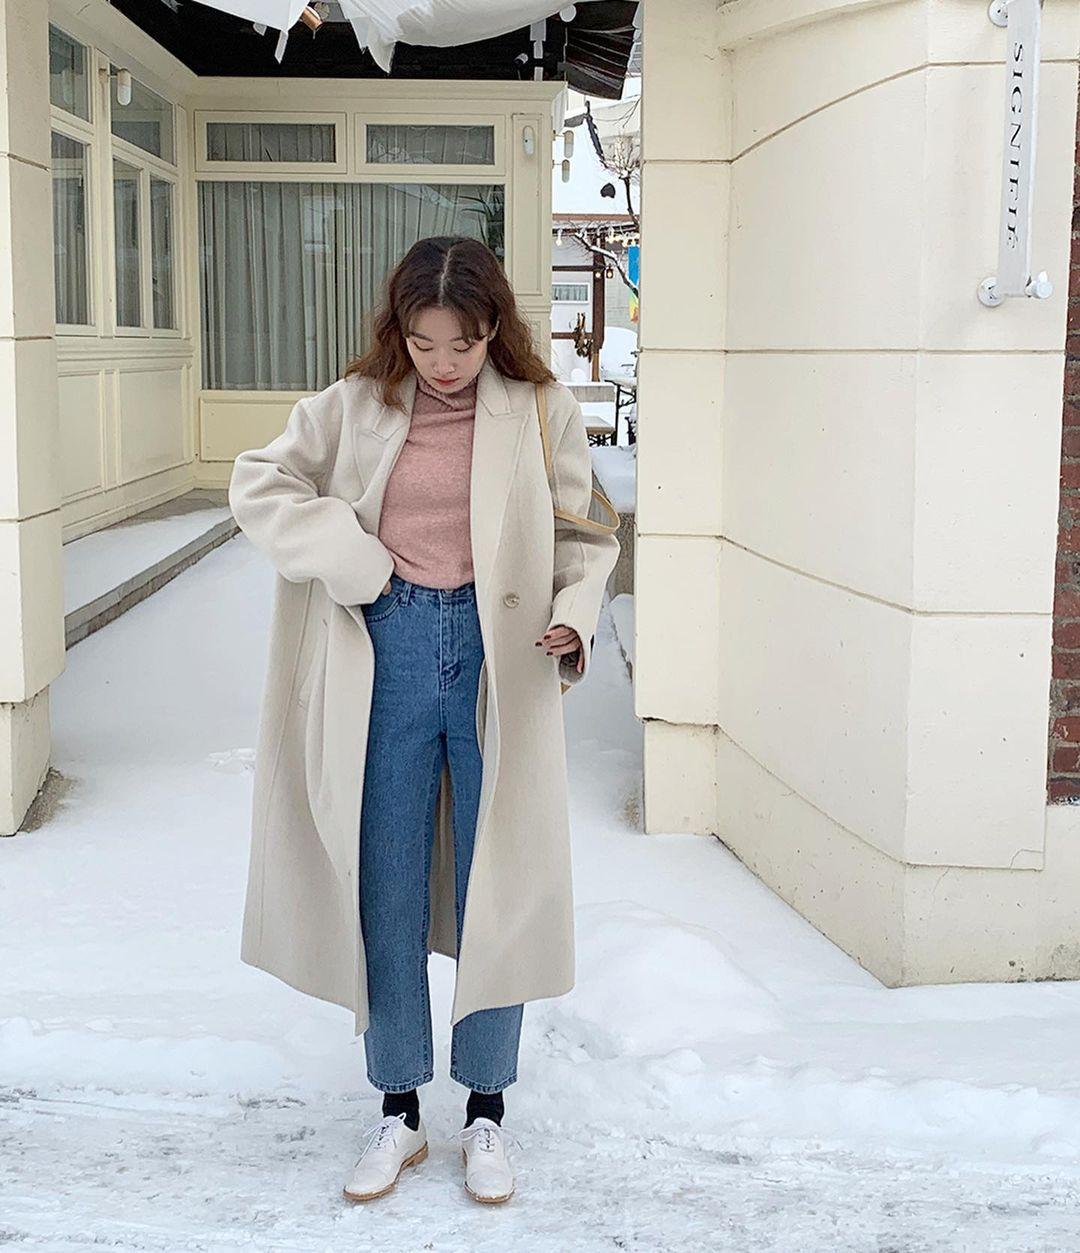 Áo khoác dáng dài rất dễ dìm dáng, muốn tìm được item ưng ý bạn cần nhớ 4 tips sau - Ảnh 6.